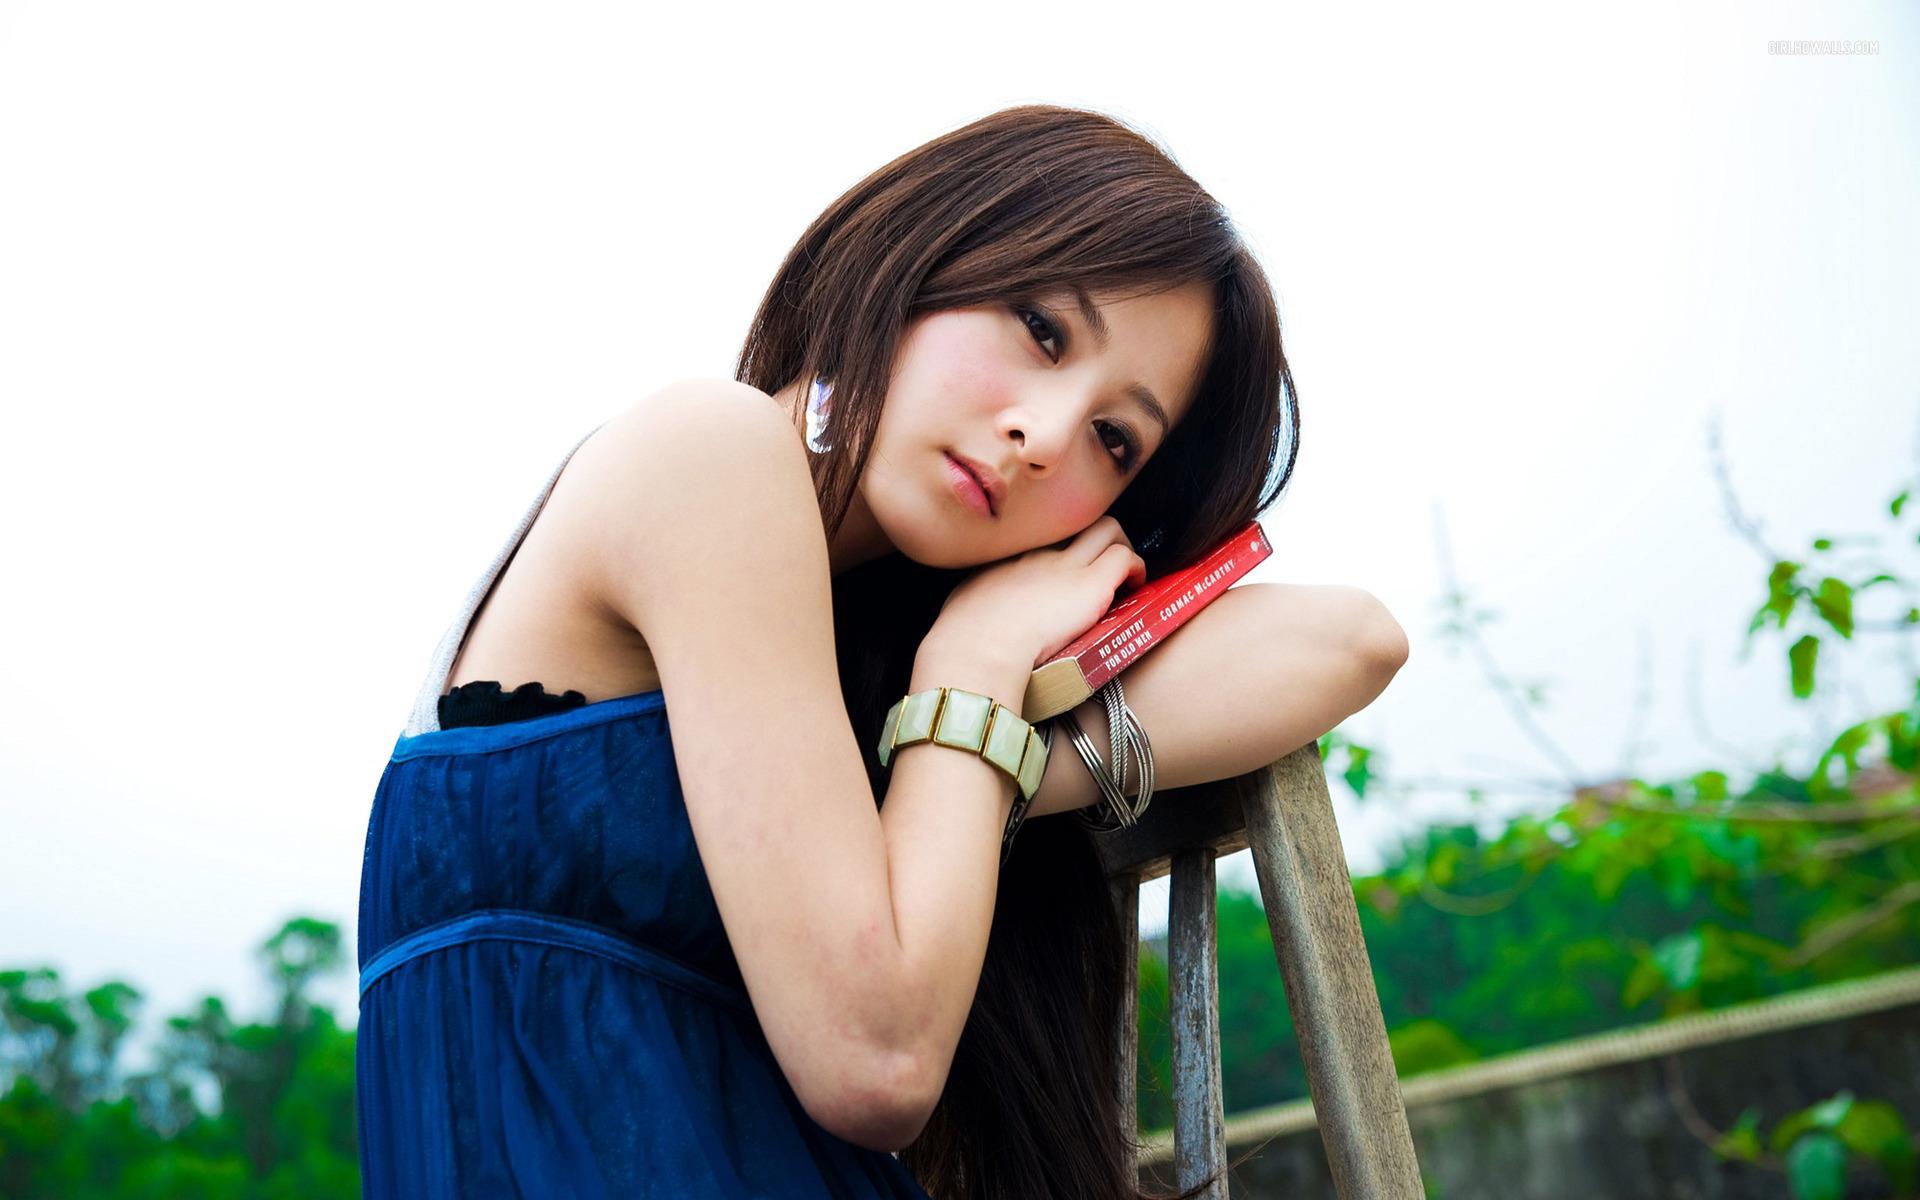 Mikako Zhang wallpaper 1920x1200 68200 1920x1200